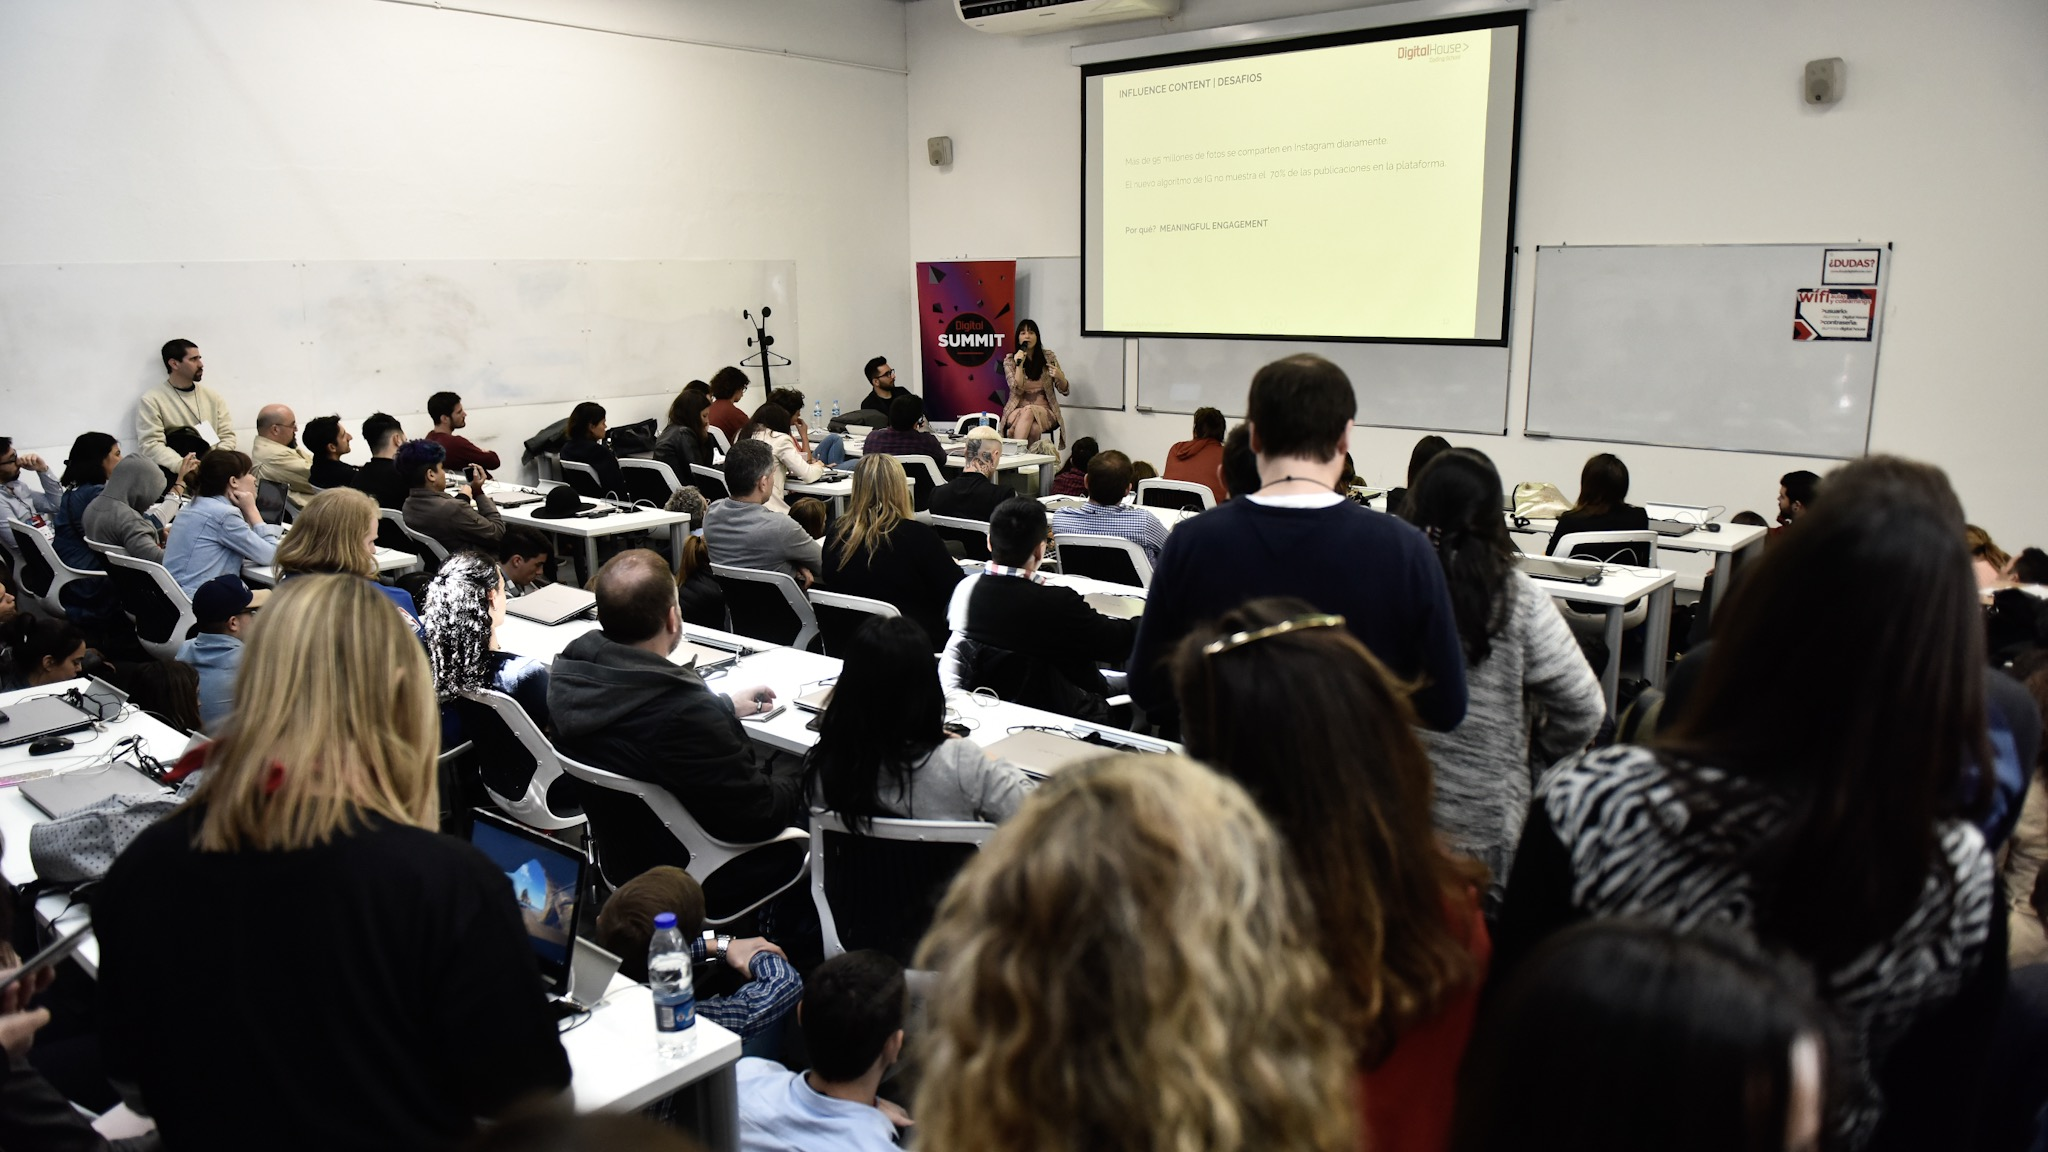 La tercera edición se desarrolló en el campus del coding school Digital House